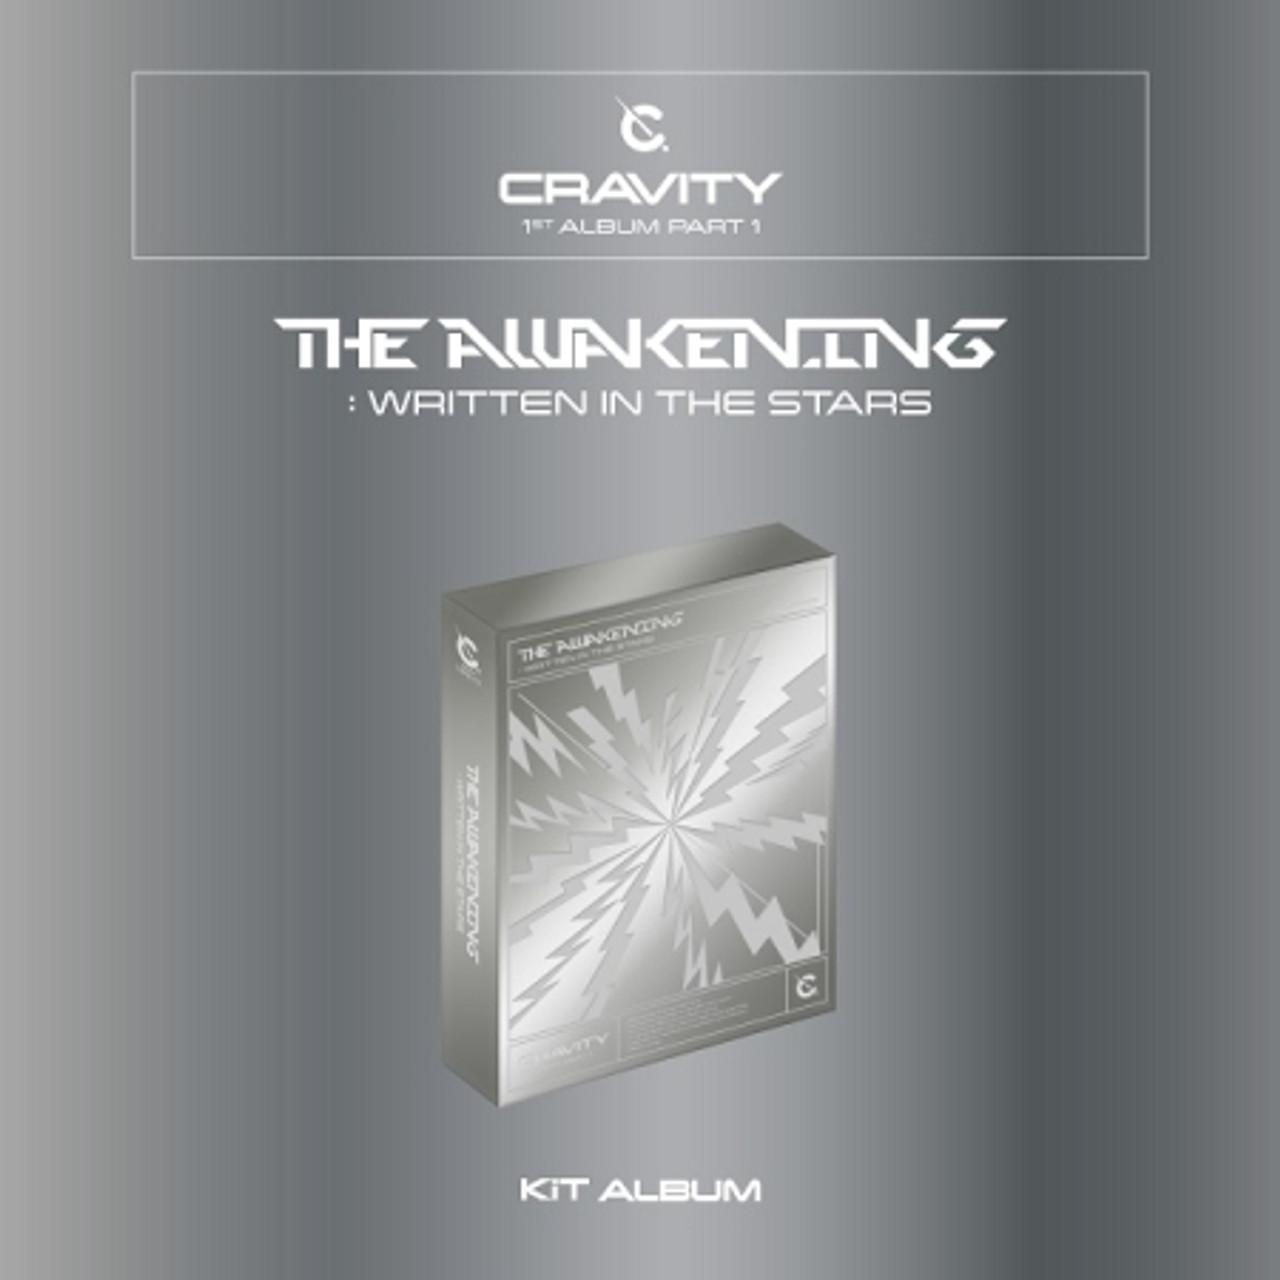 CRAVITY - Vol. 1 PART 1 [The Awakening :Written in the Stars] KIT Album